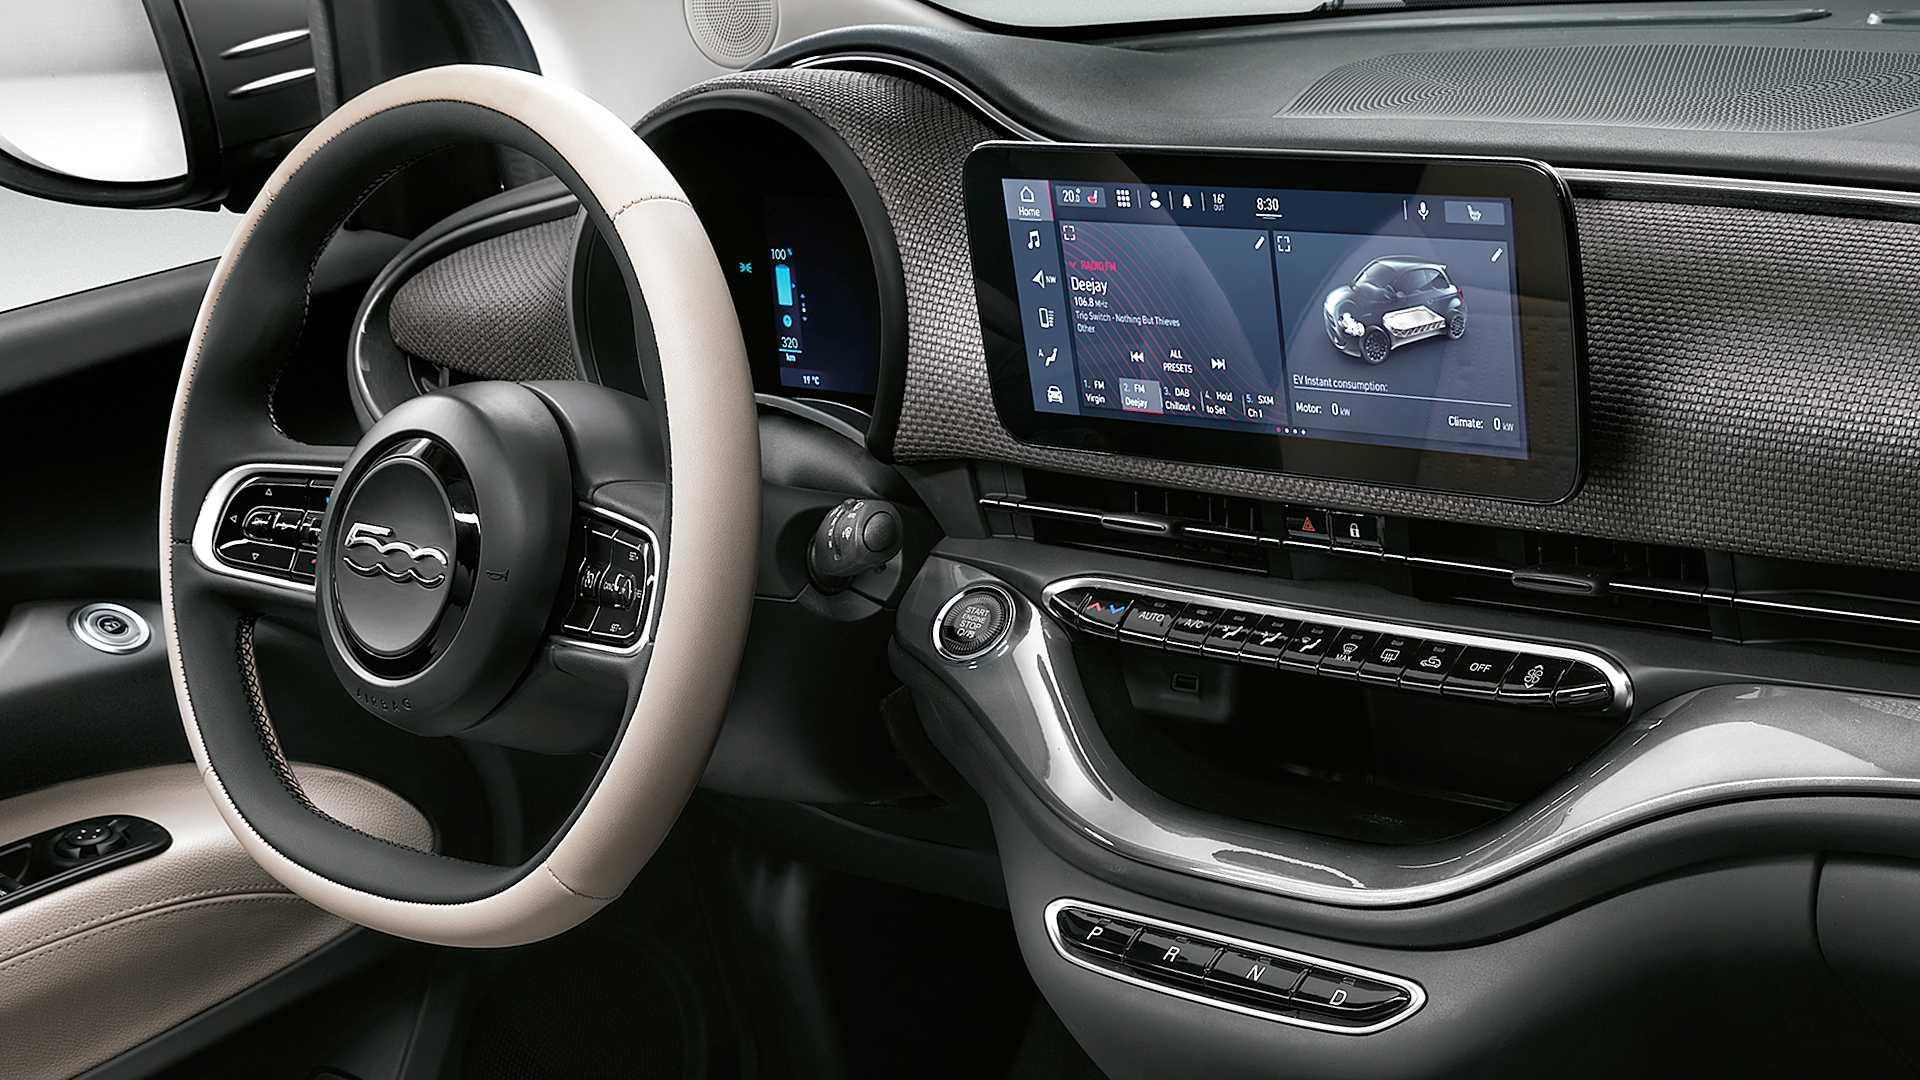 2021 Fiat 500X Specs